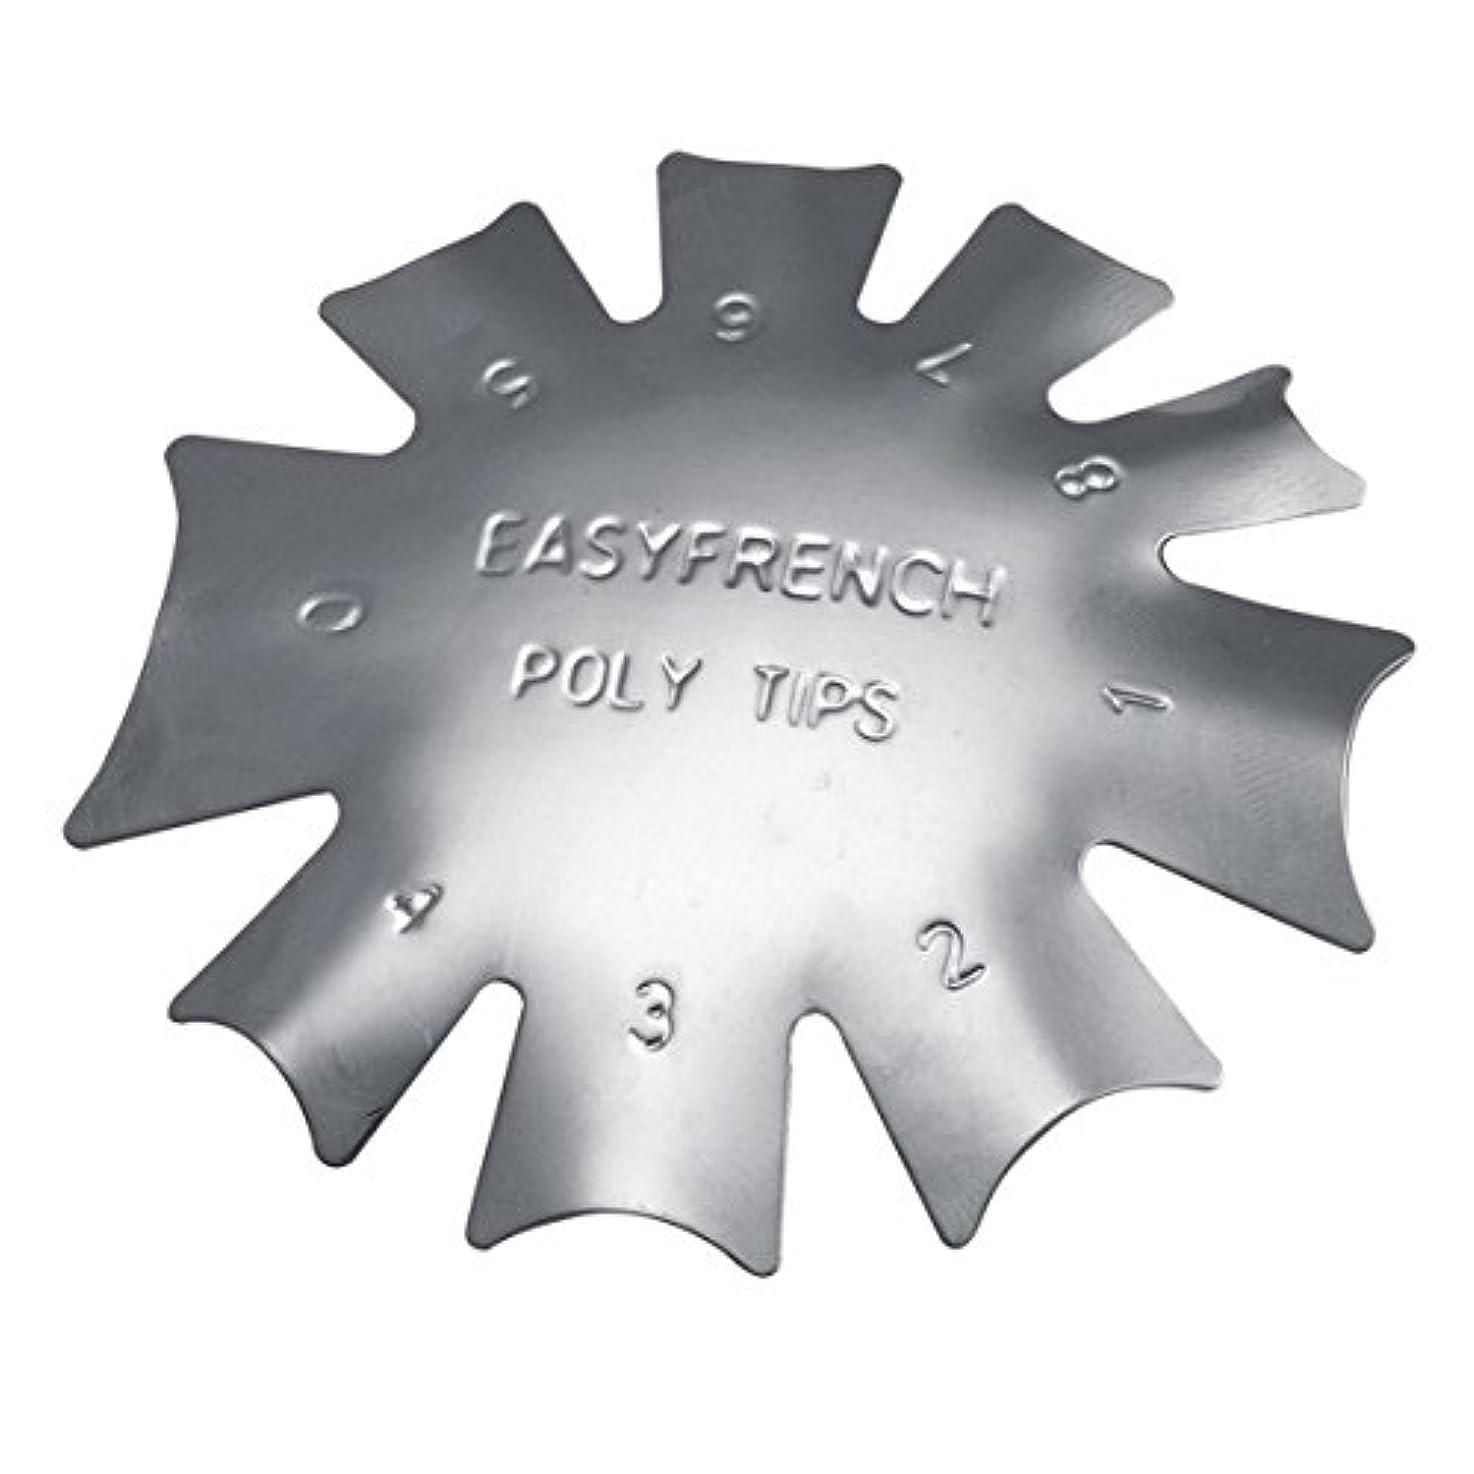 少数バッグ起きて3ピース/セット丈夫な金属ステンレス鋼フレンチマニキュアモデリング整形プレートクリスタルネイル作りスタンピングプレート(シルバー)